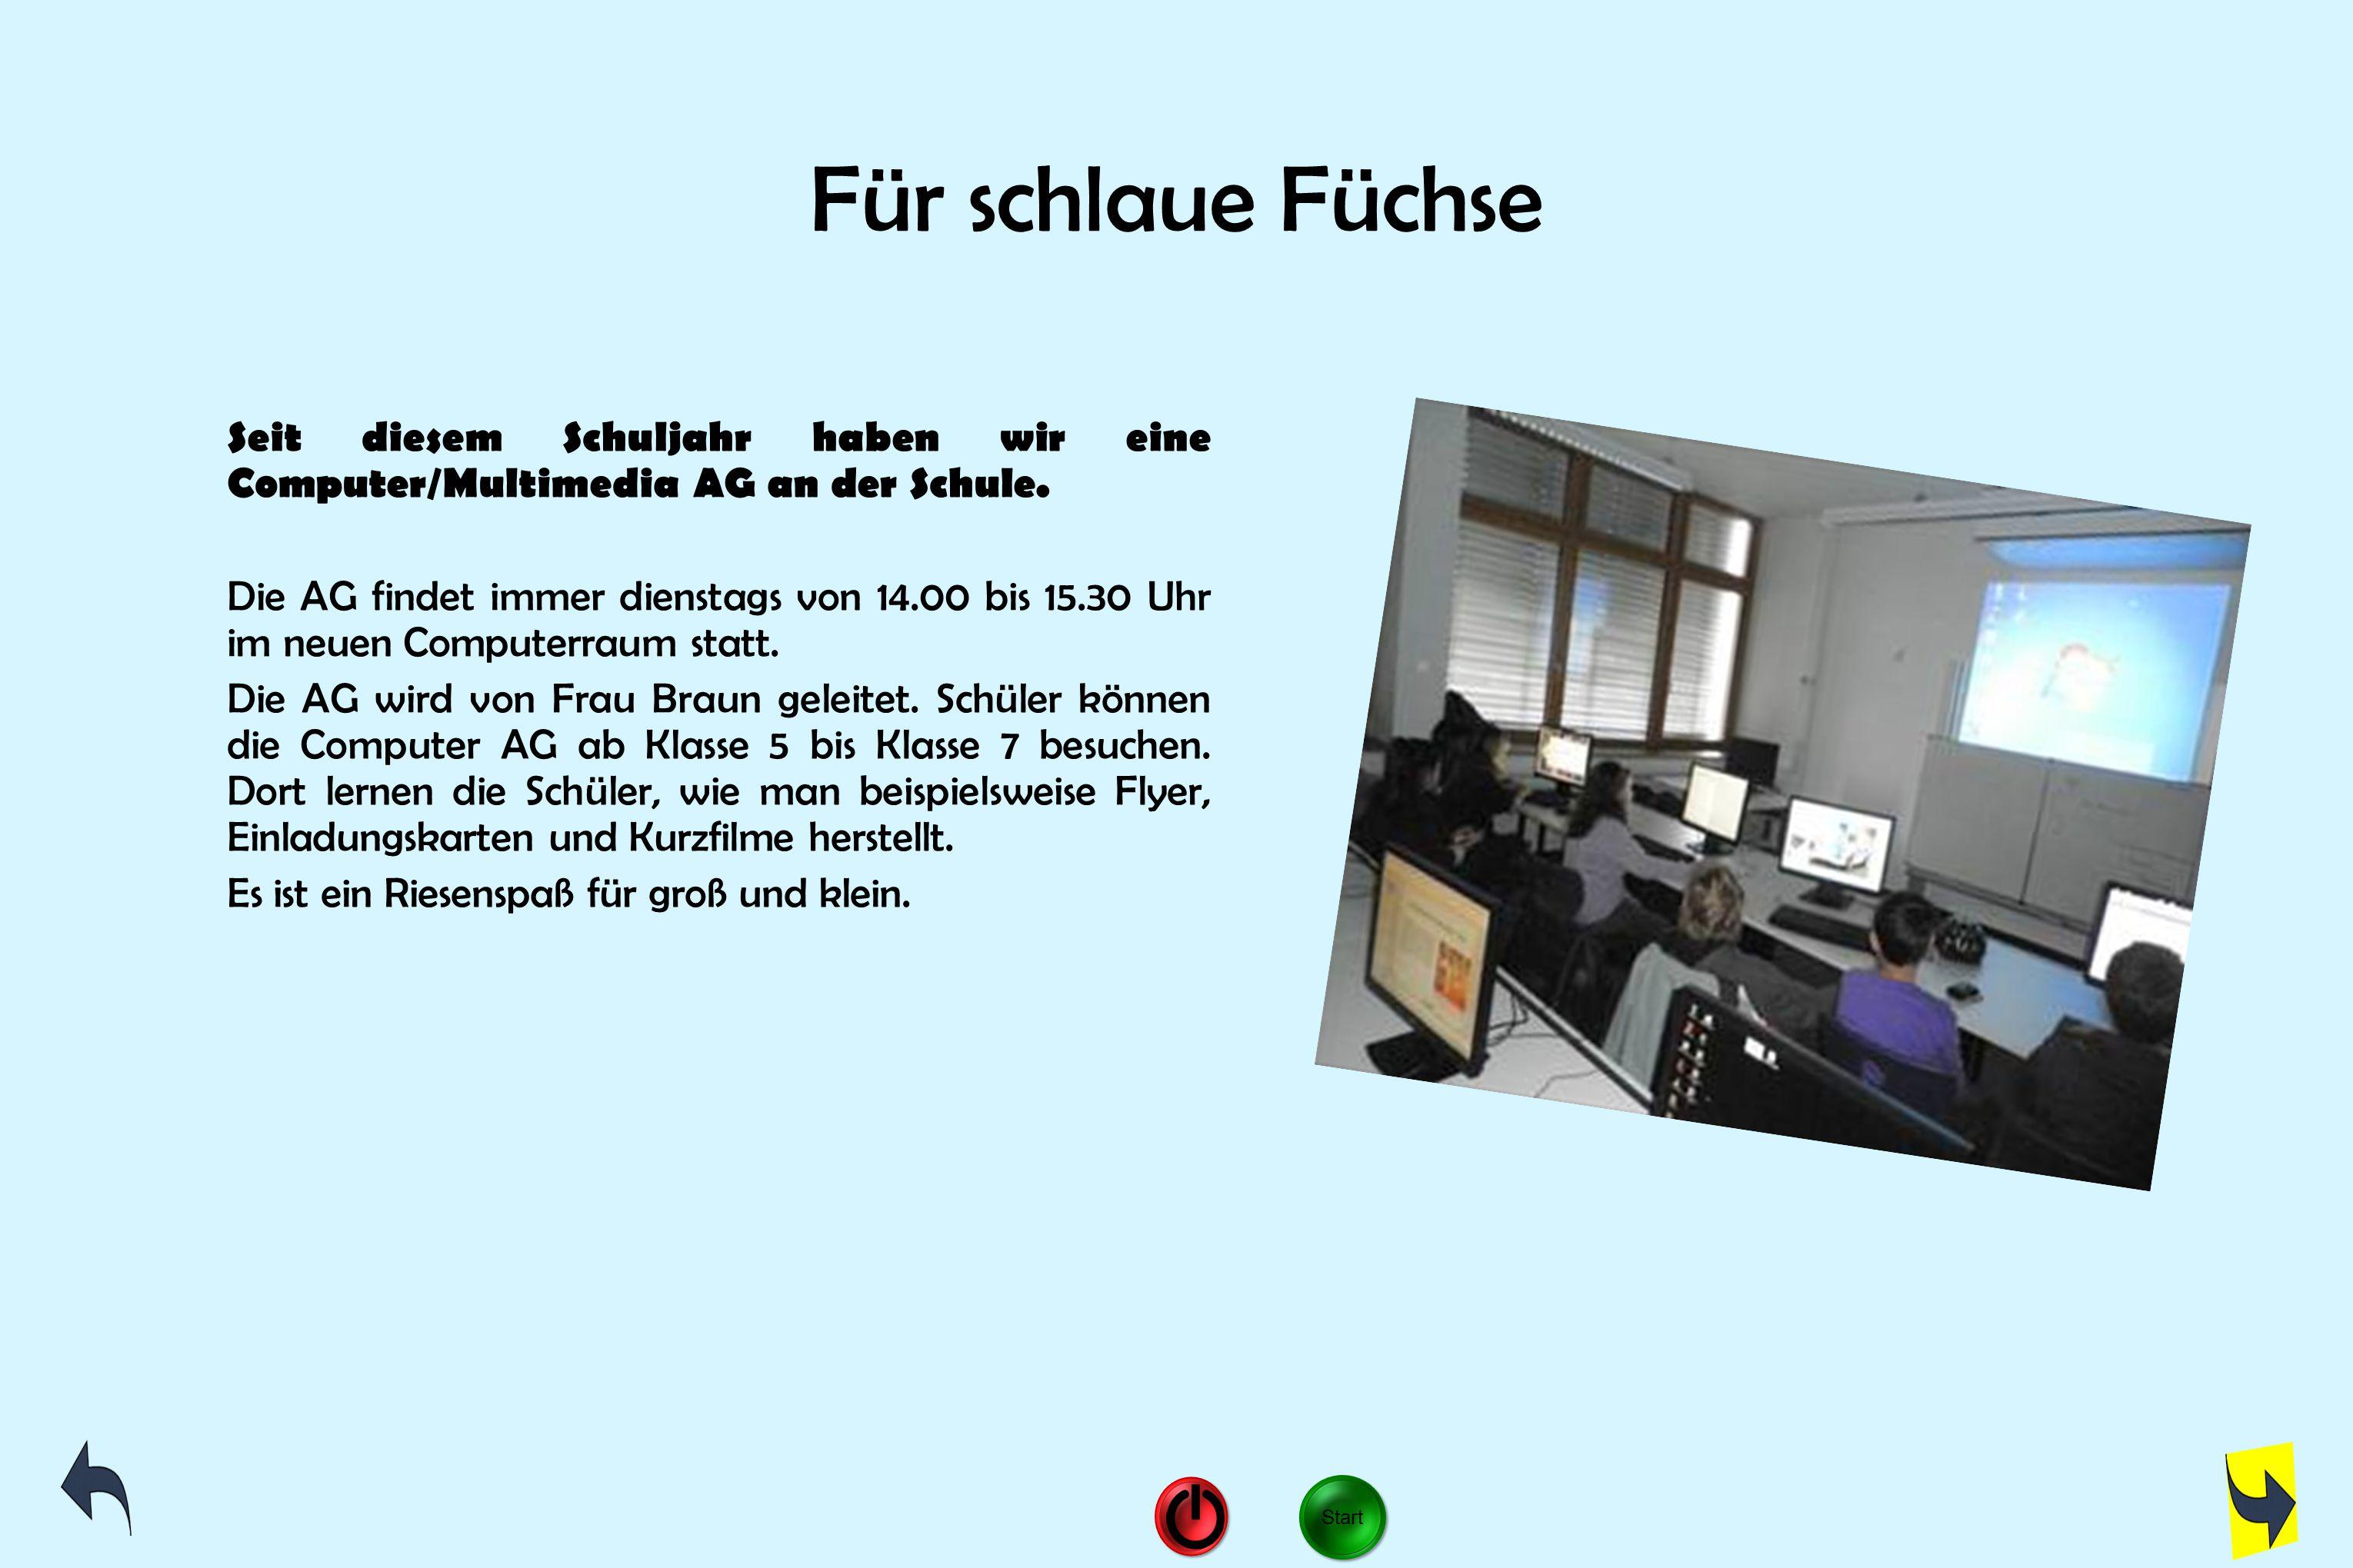 Für schlaue Füchse Seit diesem Schuljahr haben wir eine Computer/Multimedia AG an der Schule.